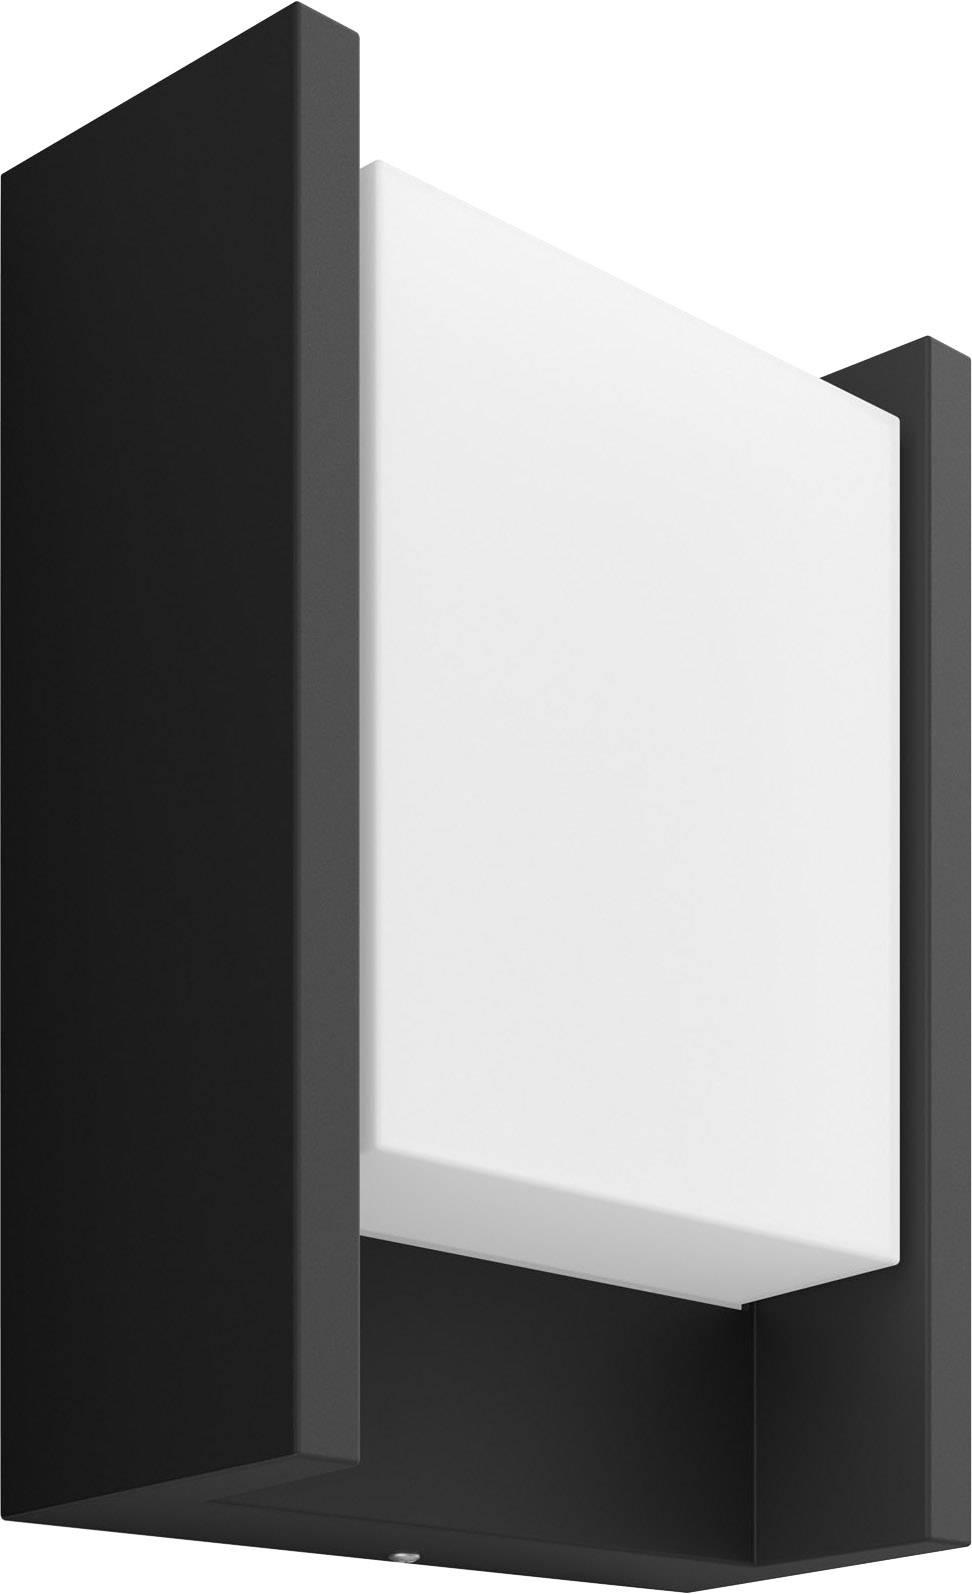 8x Sofitte 42mm 8 Power 5050 SMD LED Warm Weiß Soffitte 3300K 12V Deutsche Post